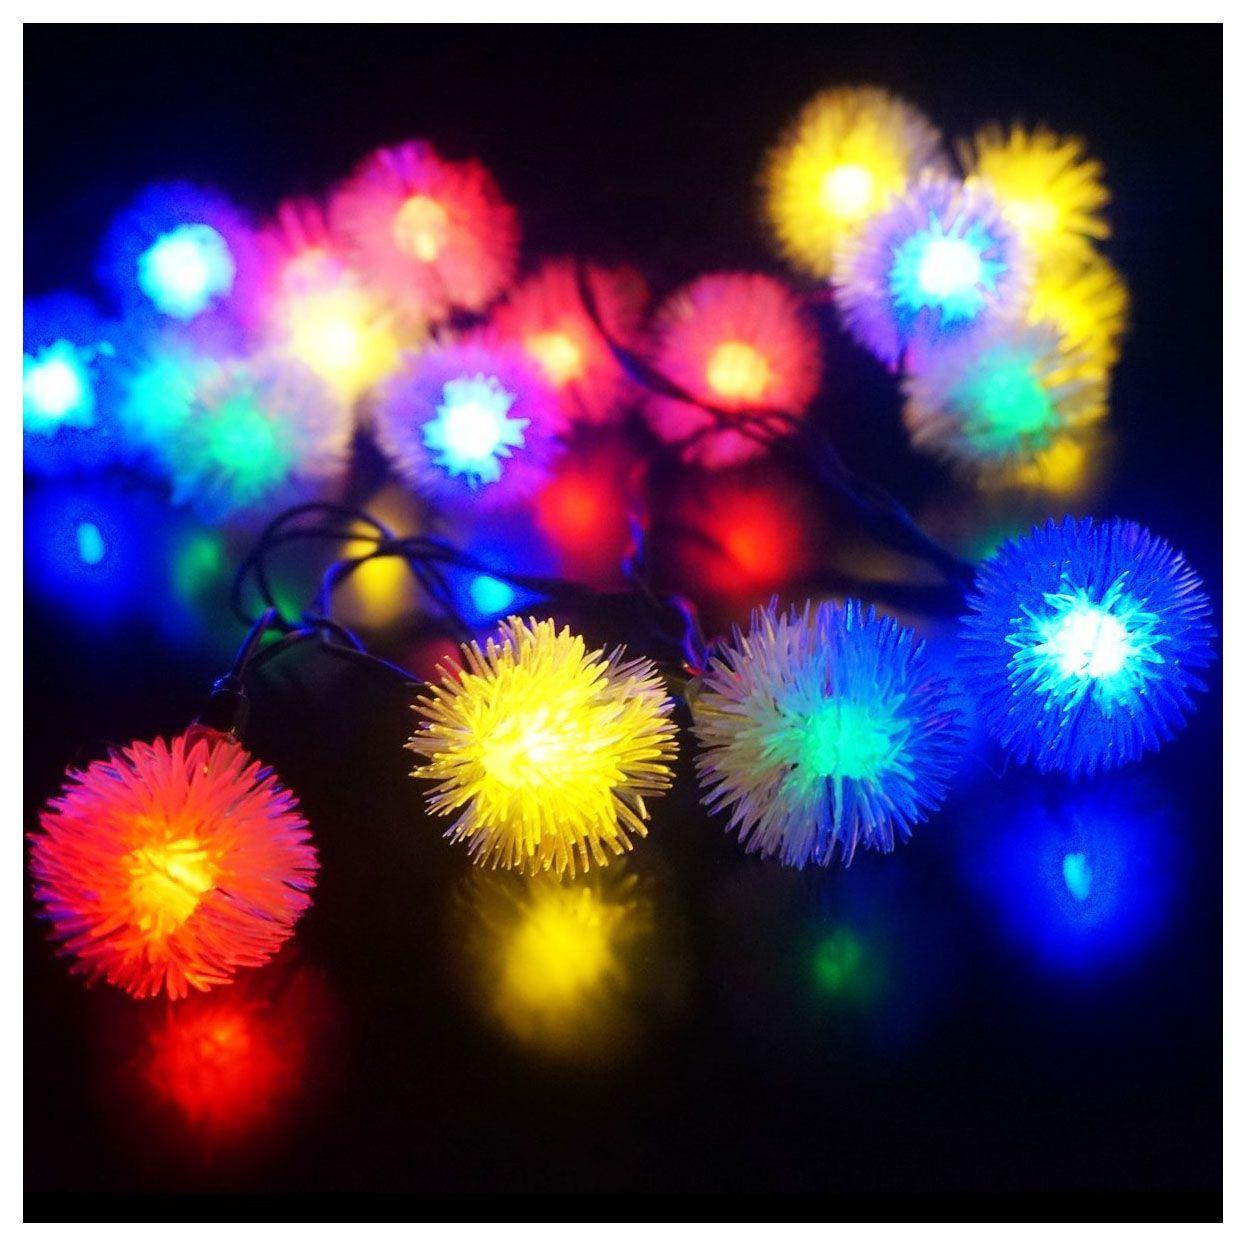 LED 4,8 mt 20 LED Solar Außen String Fairy Lichter Schneeball Solar Powered für Außerhalb Garten Terrasse Party Weihnachten Bunte